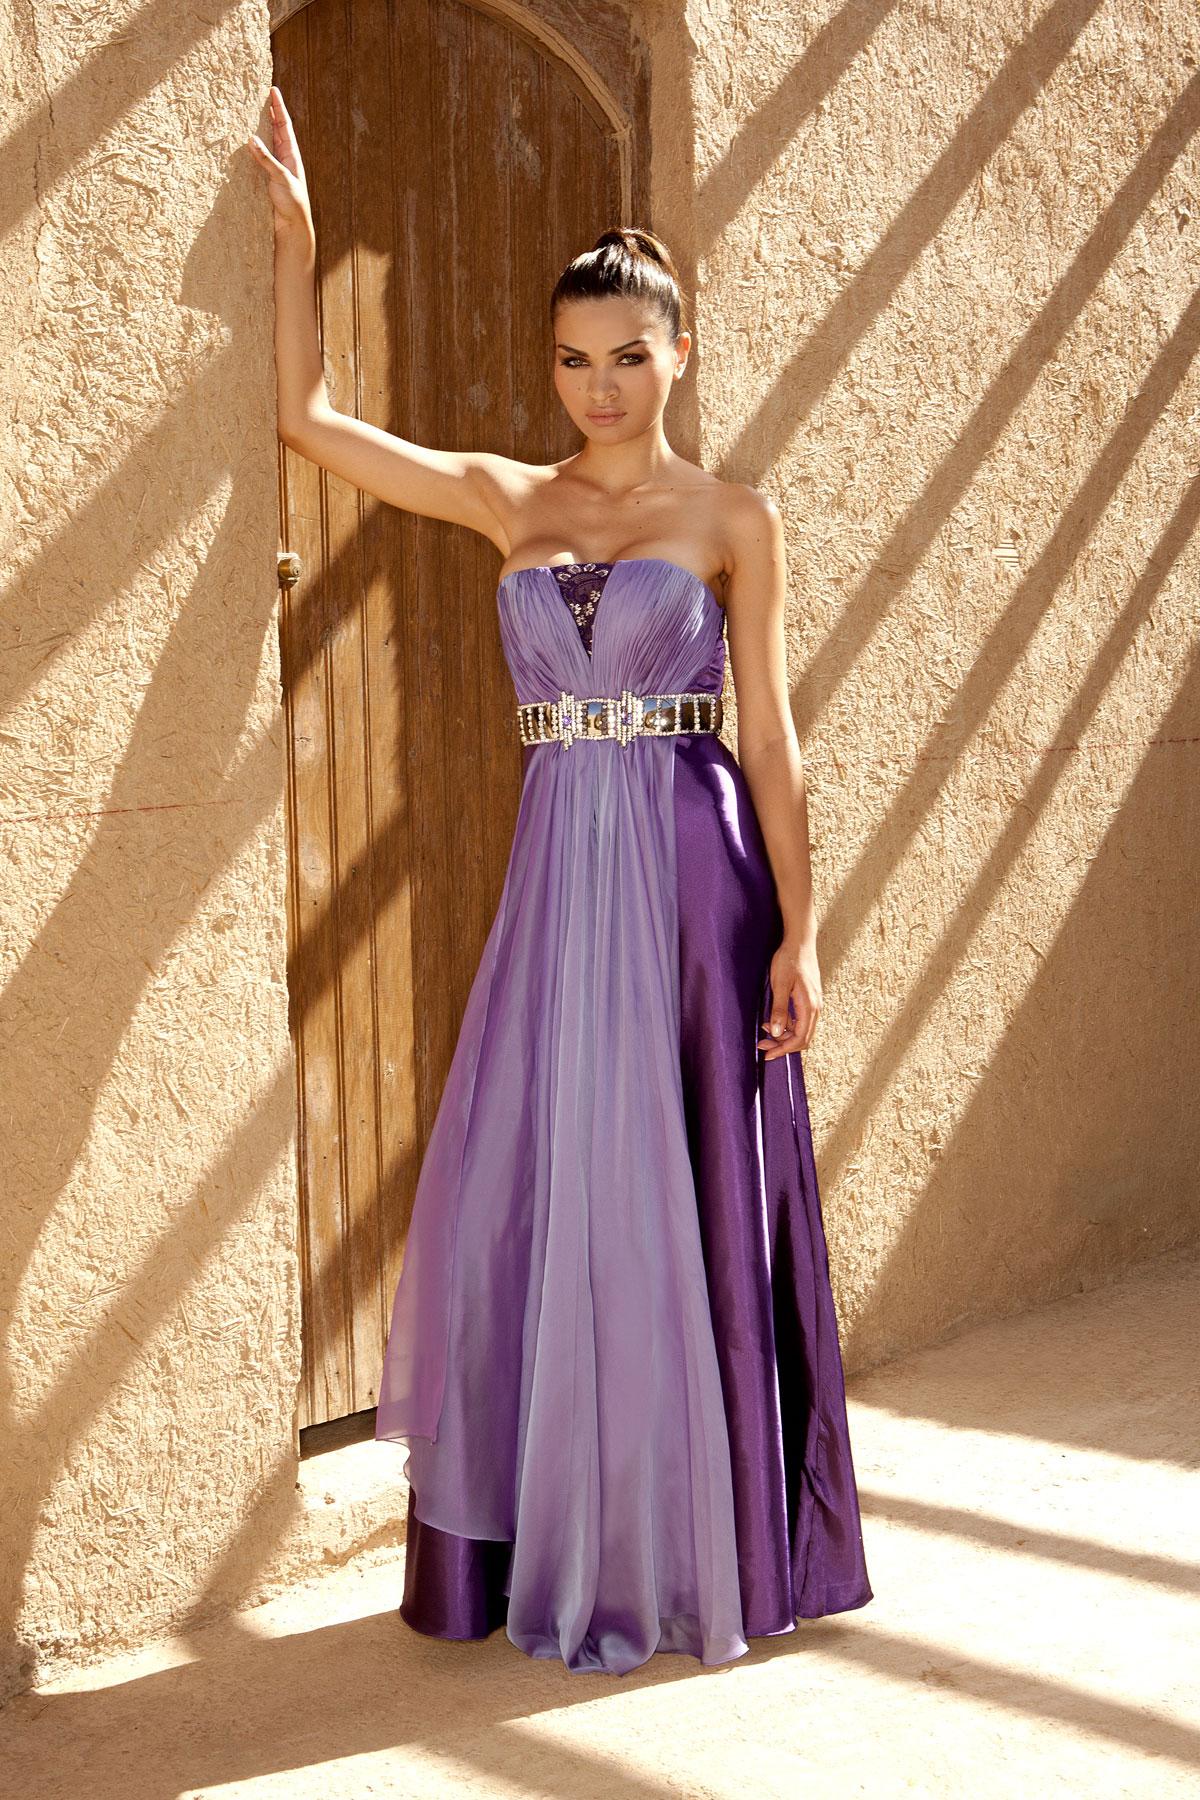 pour choisir une robe grossiste robe de soiree a paris. Black Bedroom Furniture Sets. Home Design Ideas